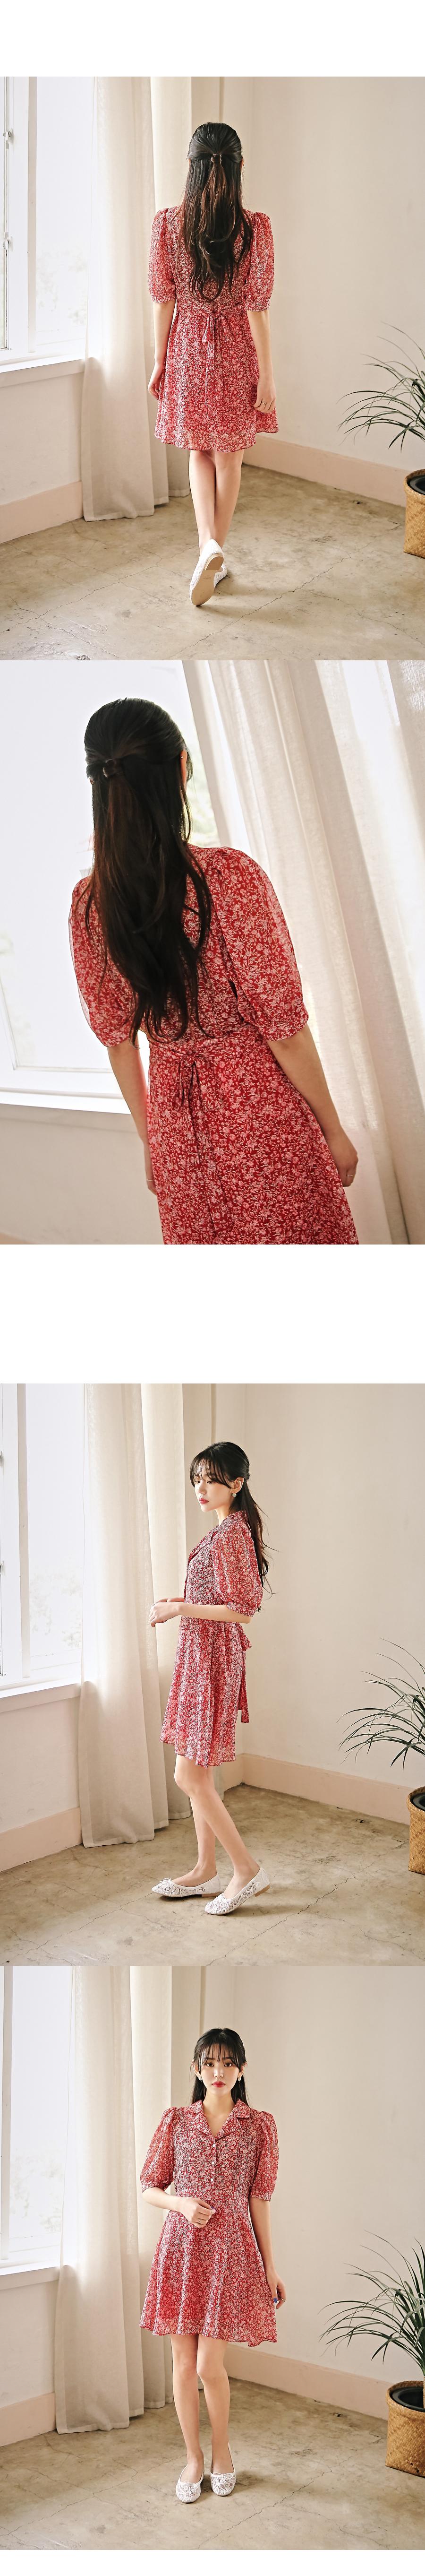 Lime cara chiffon dress